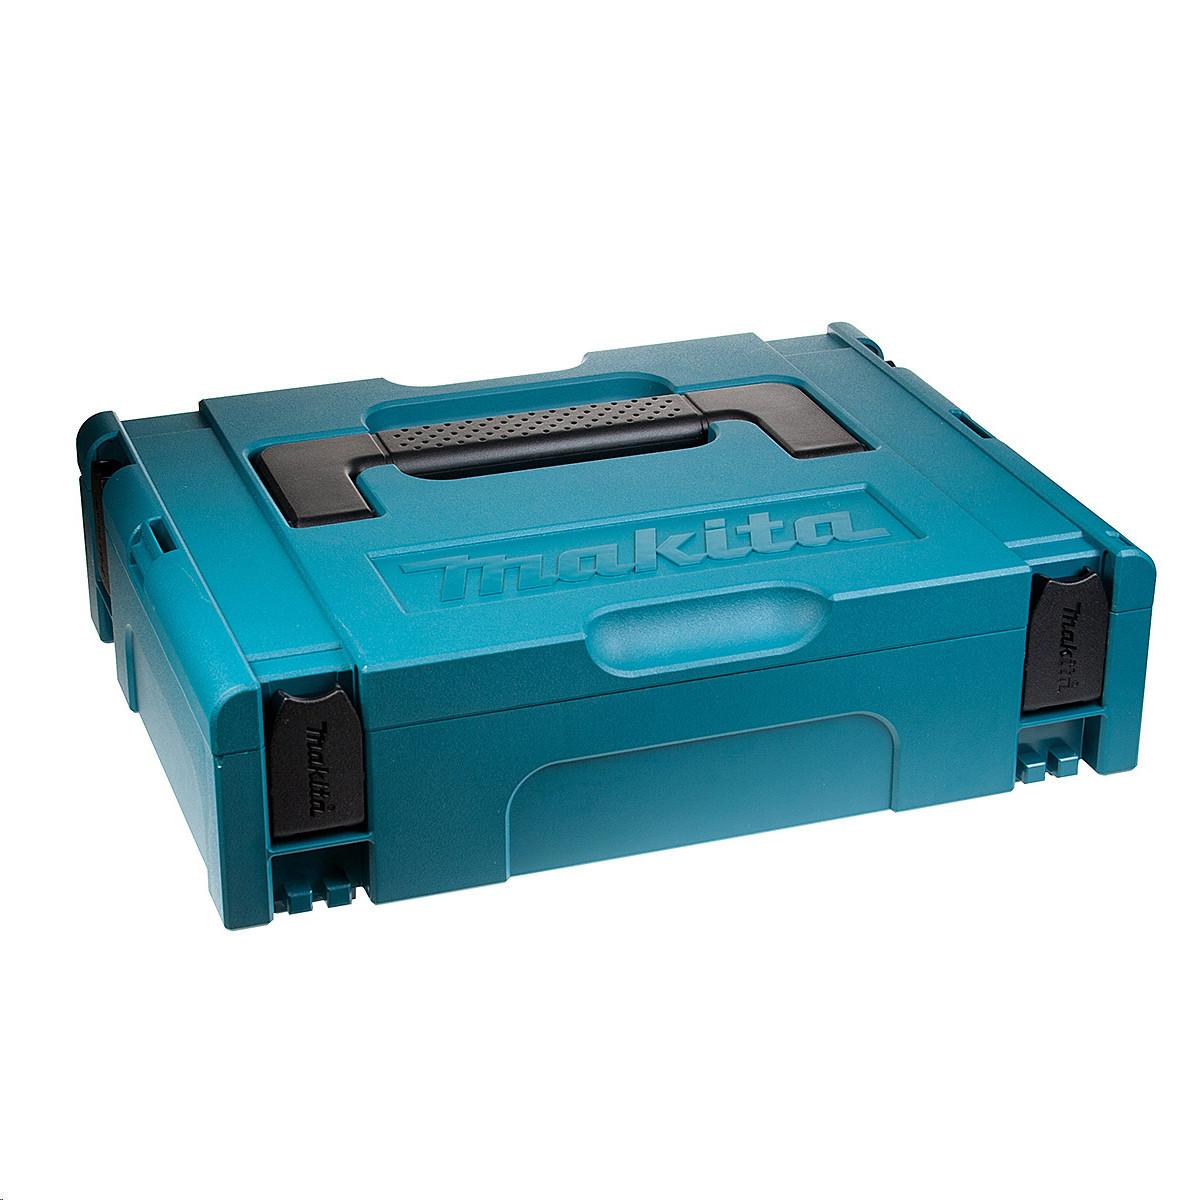 CASSETTA TIPO 1 400X300X105 MM PZ 1